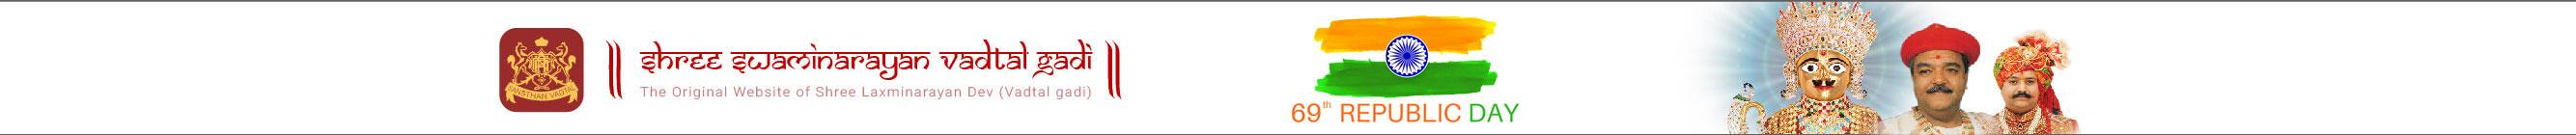 Swaminarayan Vadtal Gadi – SVG